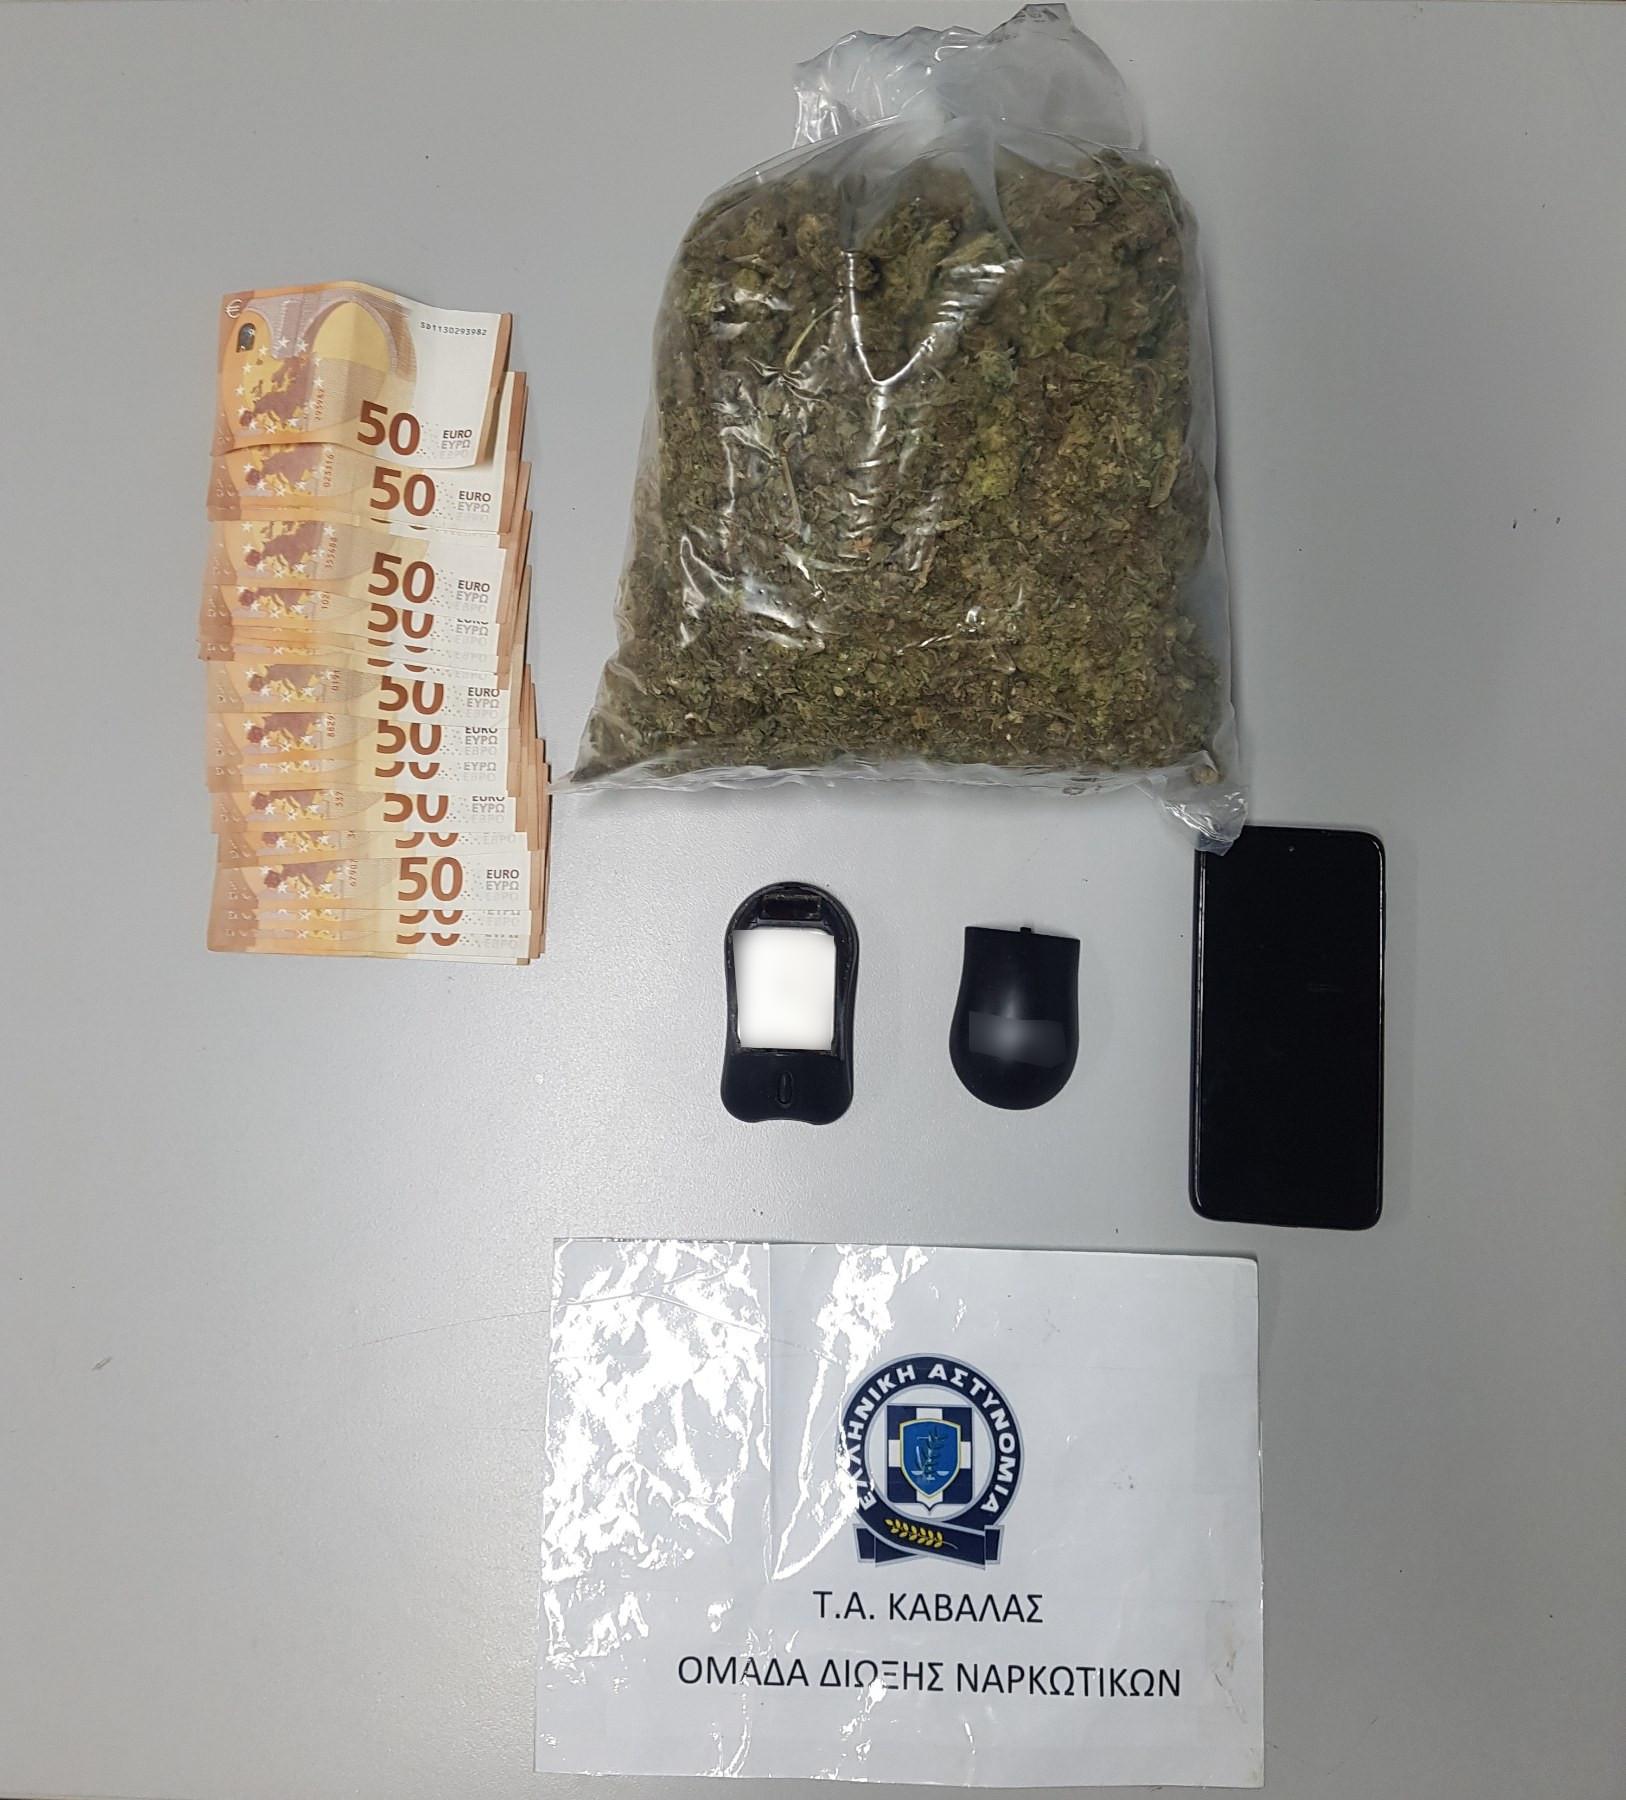 Αστυνομικοί από Καβάλα τον συνέλαβαν Θεσσαλονίκη για ναρκωτικά